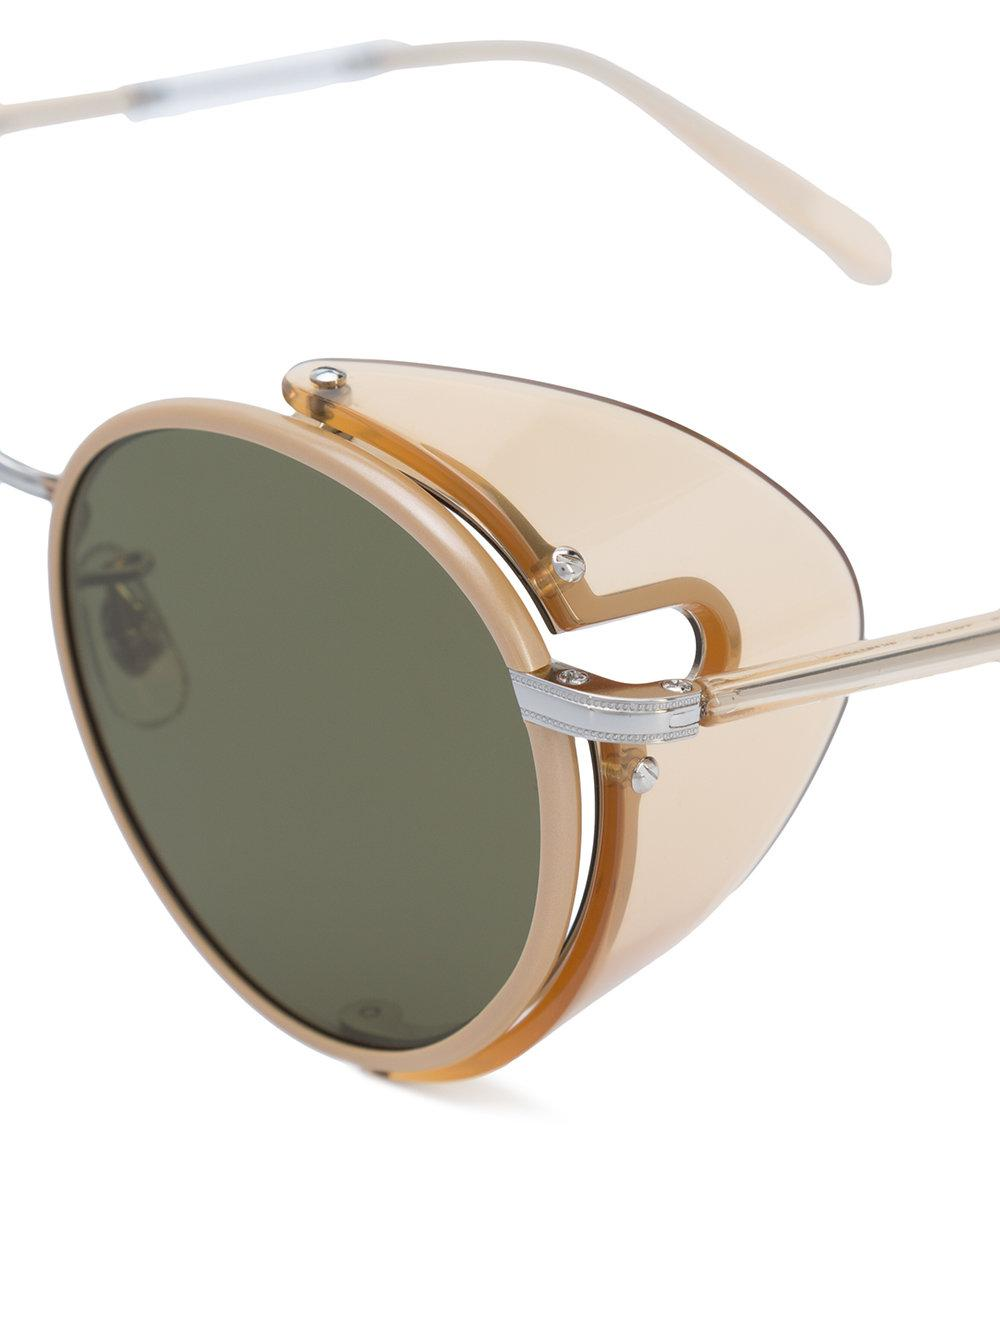 439aaca079 Garrett Leight - Green Wilson Sun Shield Sunglasses for Men - Lyst. View  fullscreen